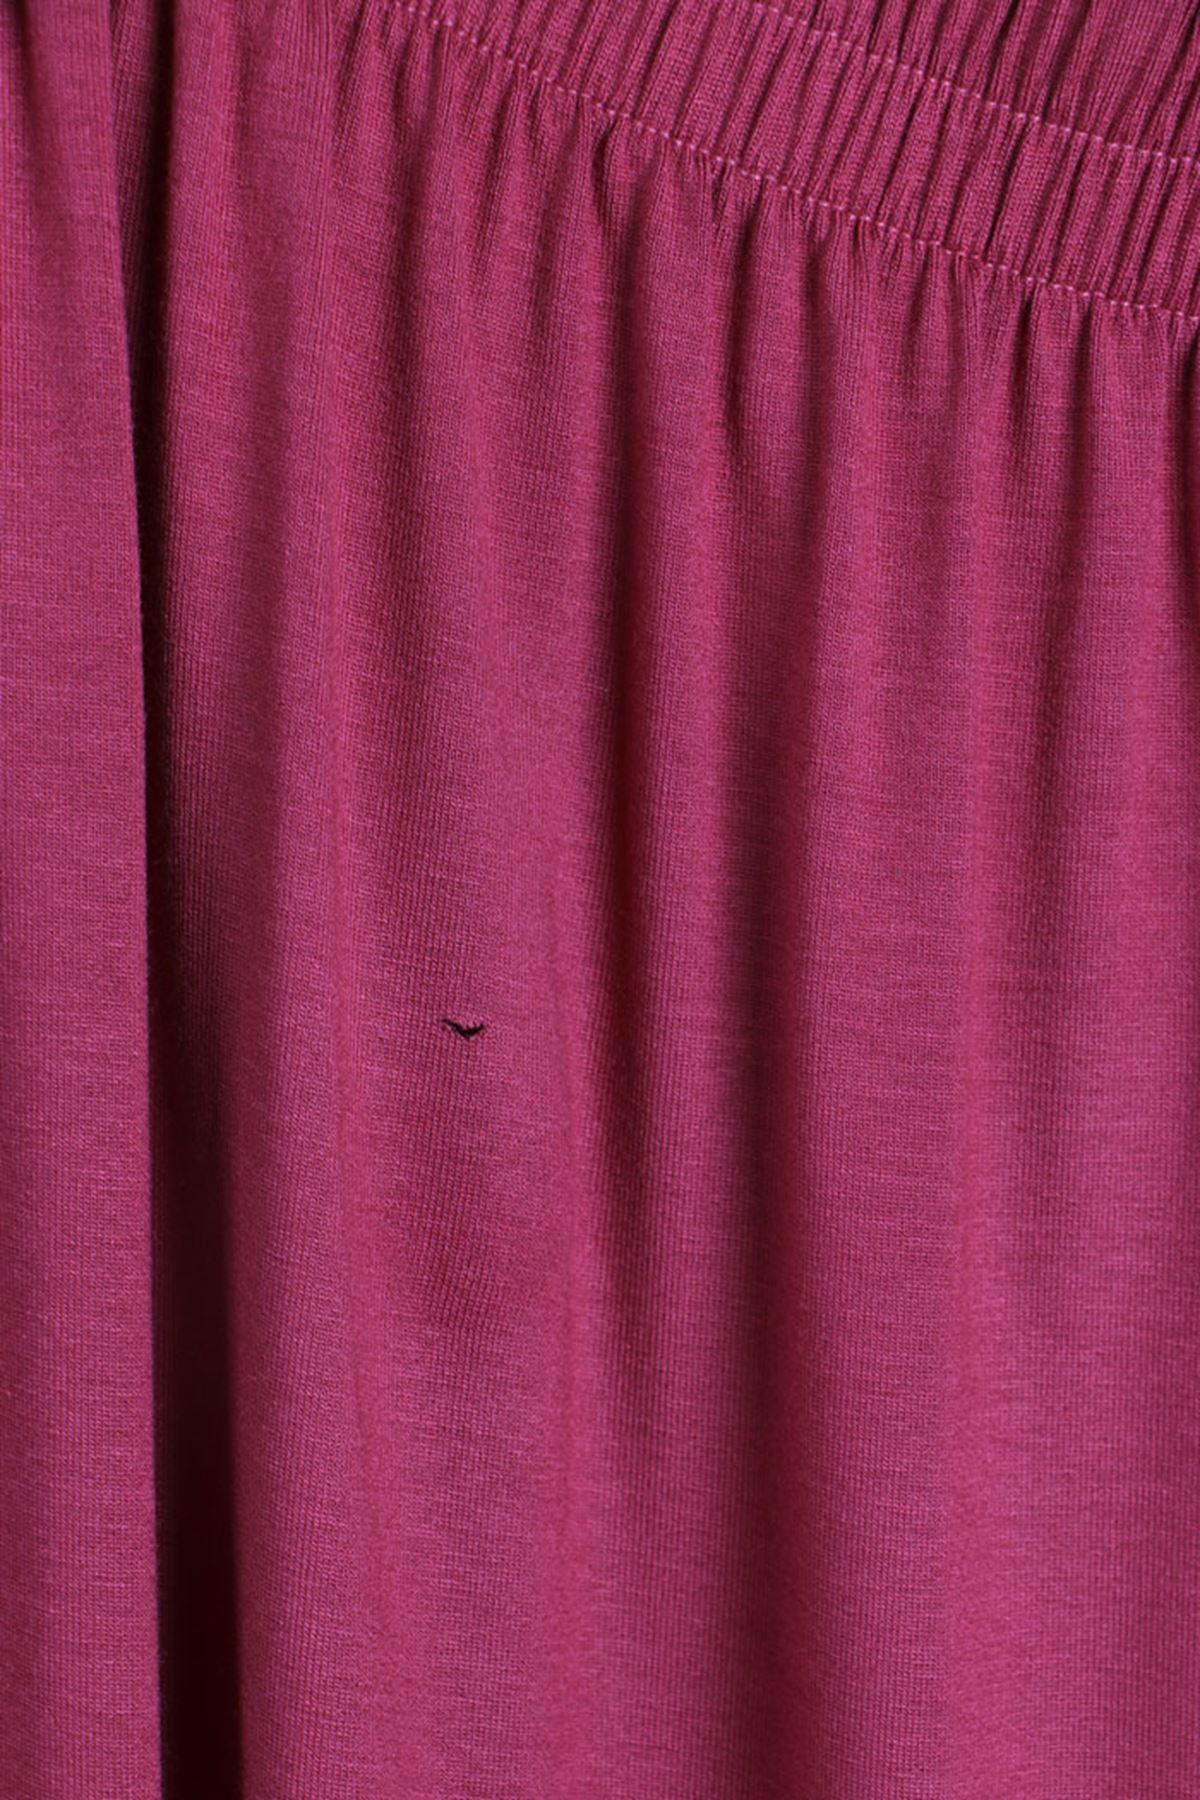 D-27700-1 Büyük Beden Defolu Penye Şeritli Pantolon-Koyu Gül